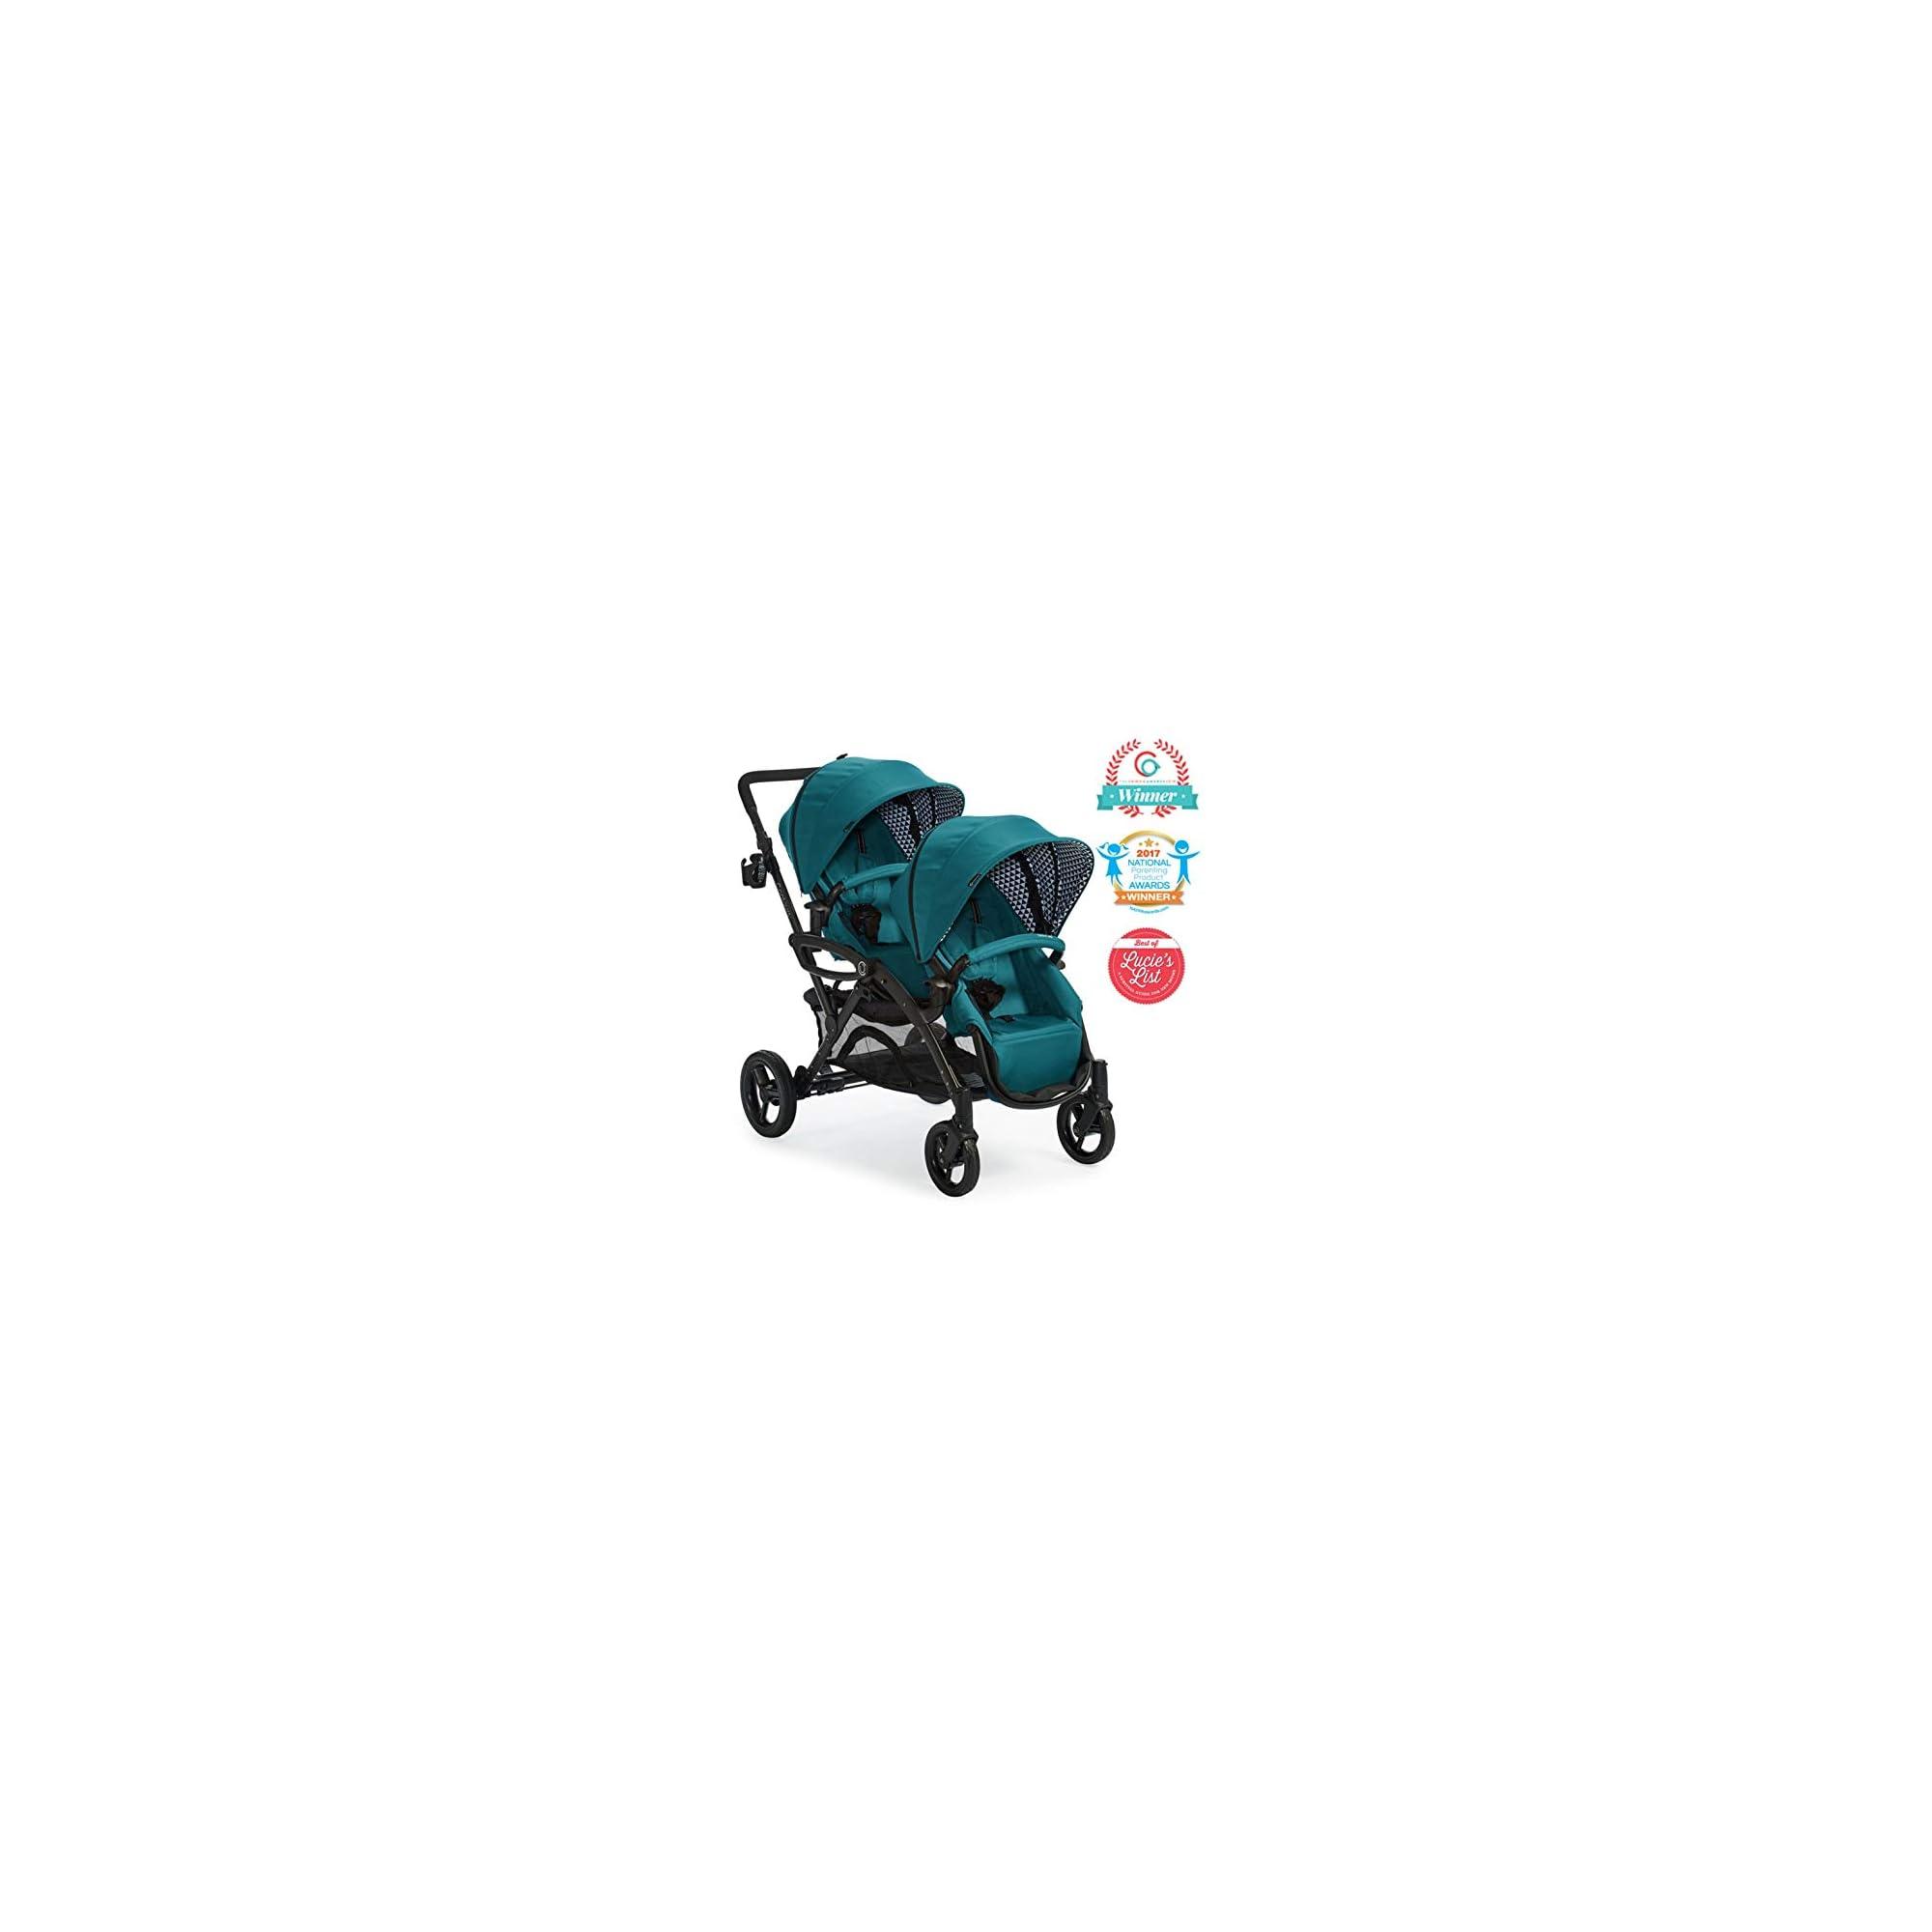 Contours Options Elite Sit & Boogie Jump Seat & Platform Attachment Accessory, Black